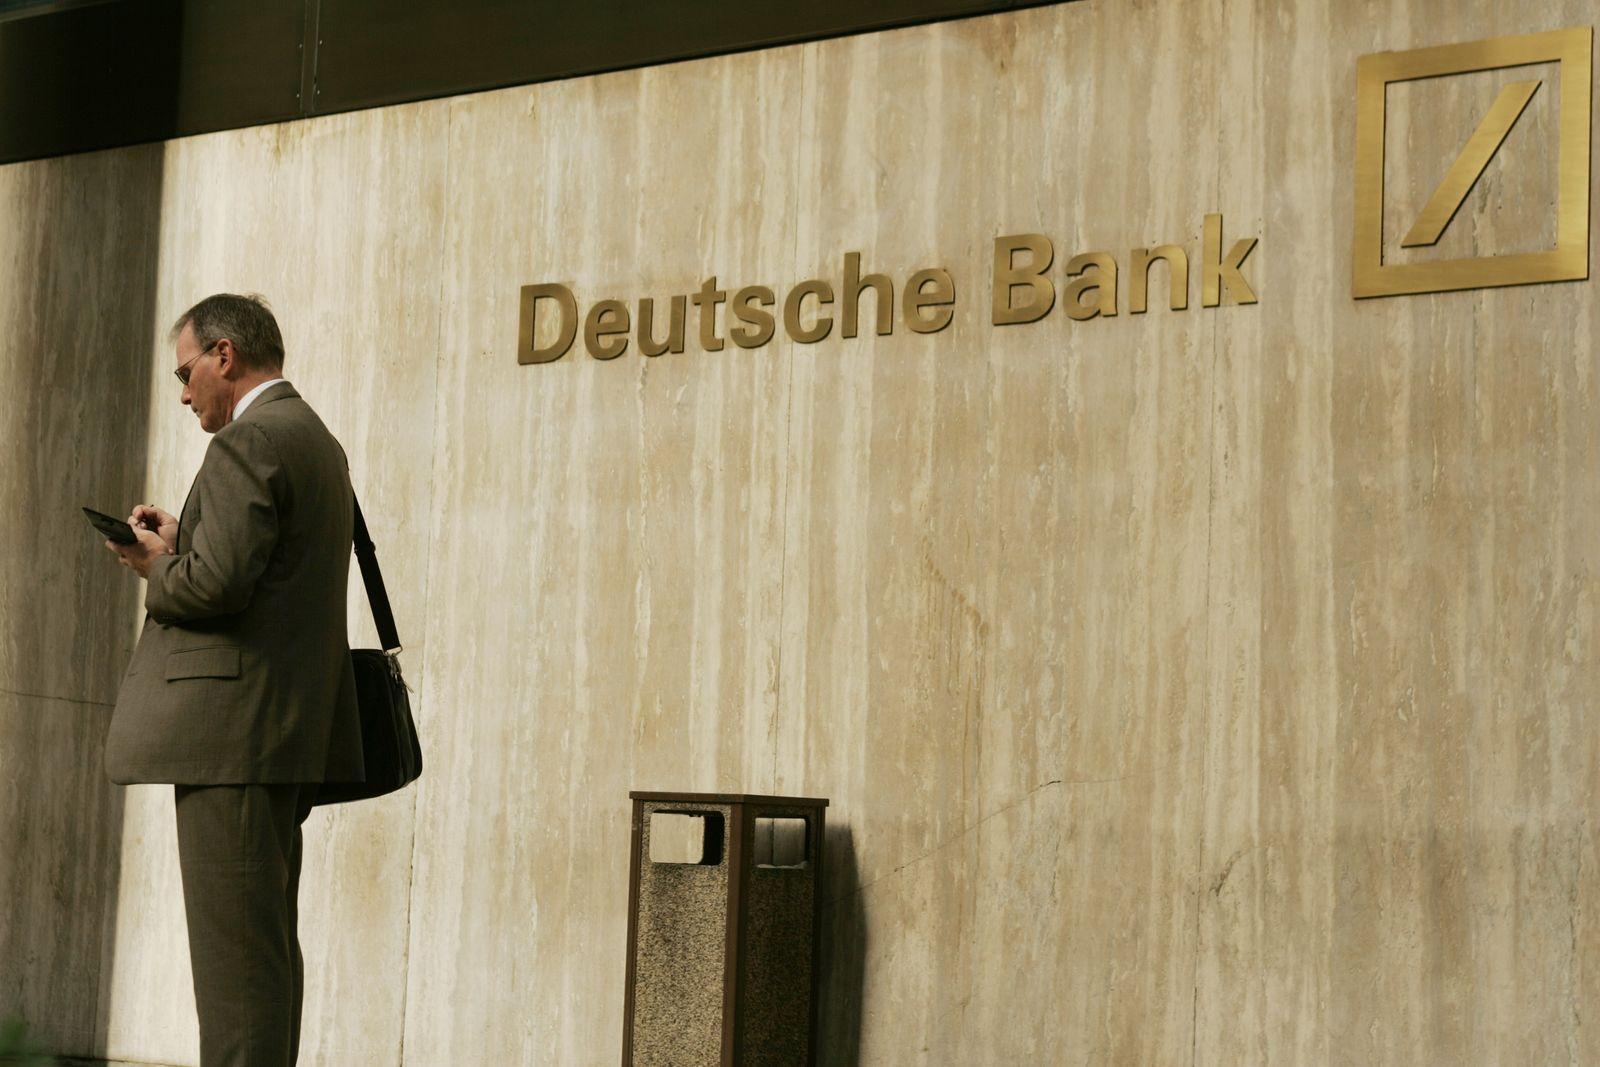 NICHT MEHR VERWENDEN! - Deutsche Bank/ New York